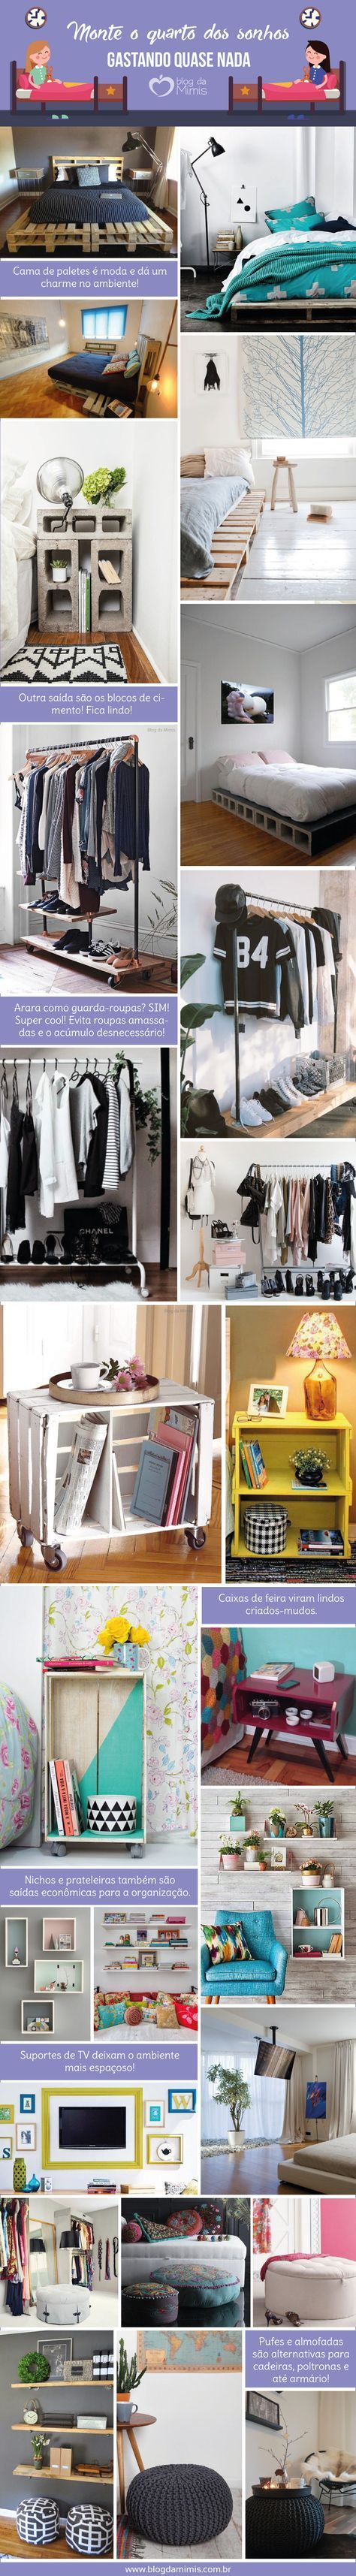 Monte o quarto dos sonhos gastando quase nada - Blog da Mimis #bedroon #quarto…